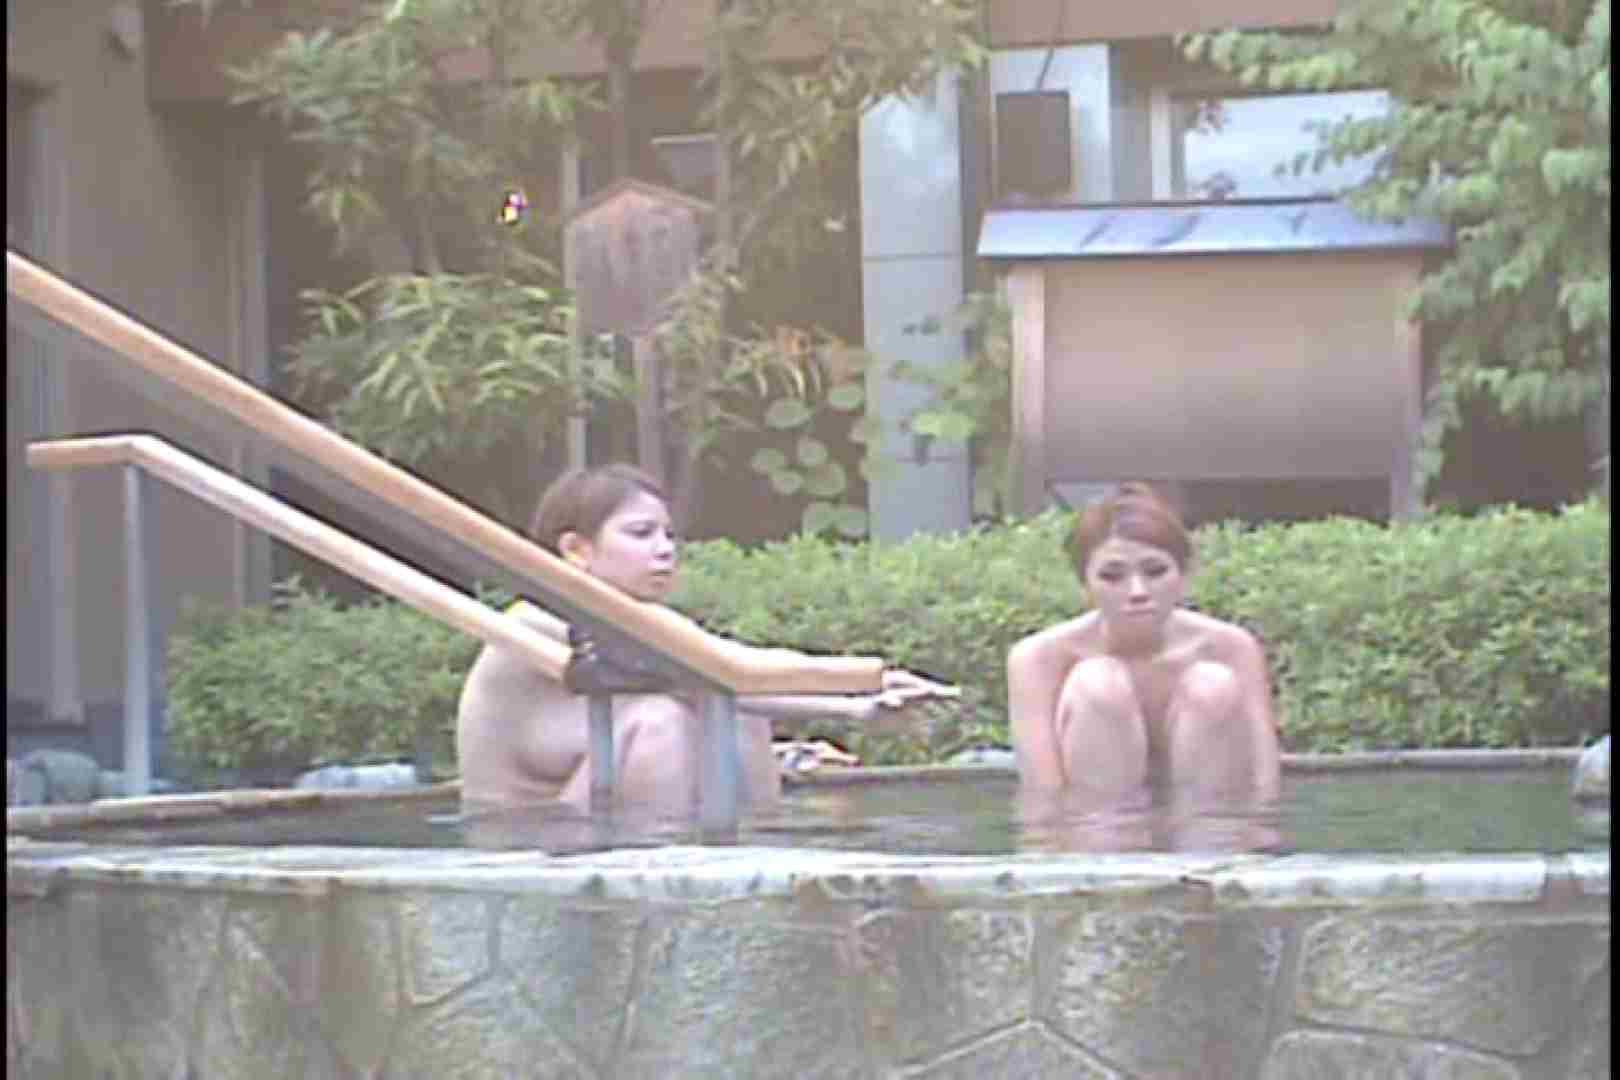 果実の泉 vol.1 美女 オマンコ動画キャプチャ 71連発 24